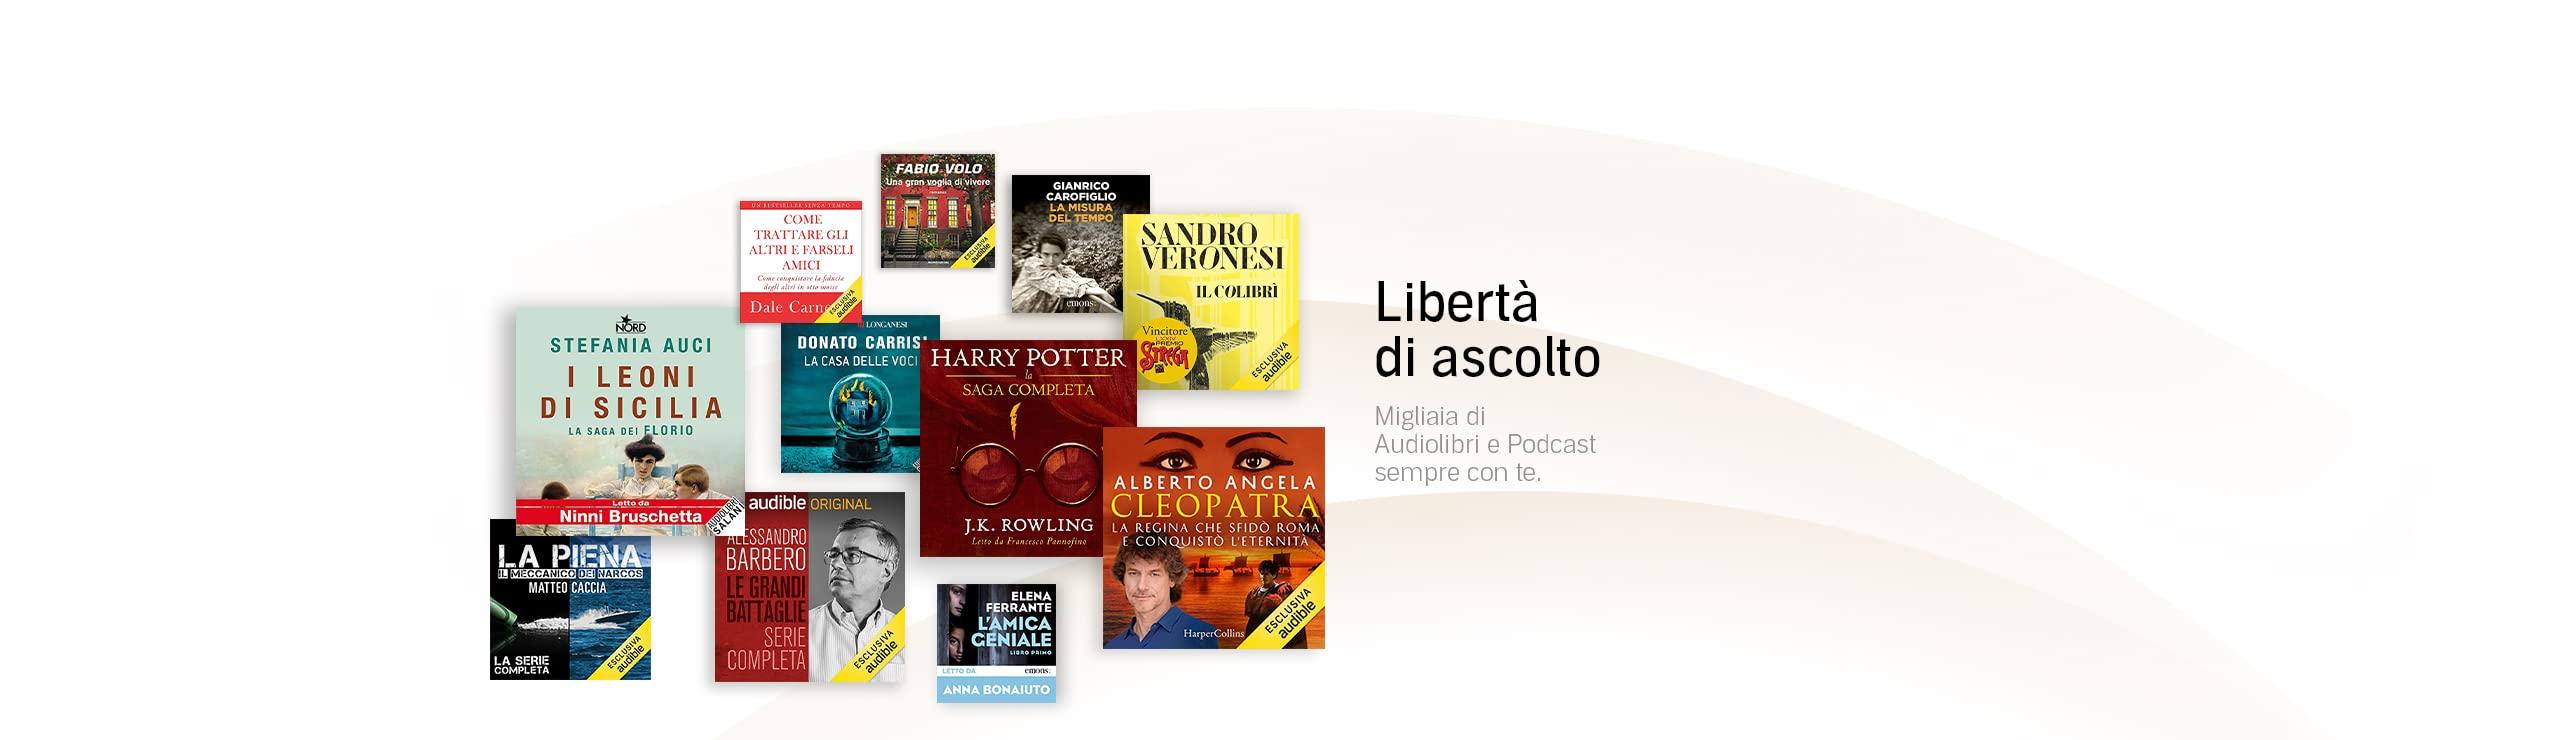 Libertà di ascolto. Migliaia di Audiolibri e Podcast sempre con te.